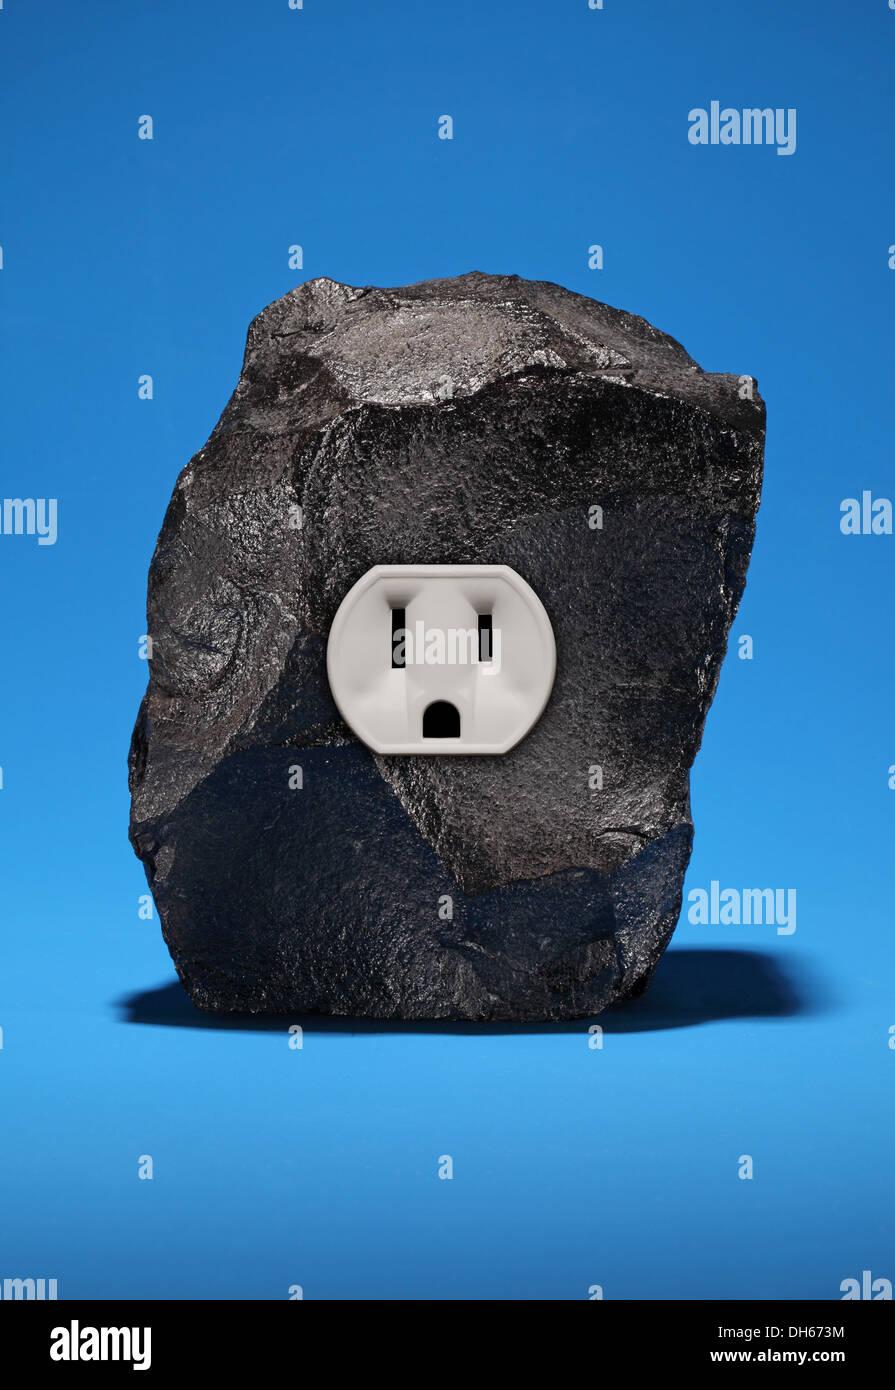 Un gran trozo de carbón negro con una sola toma de corriente eléctrica. Fondo azul brillante Imagen De Stock